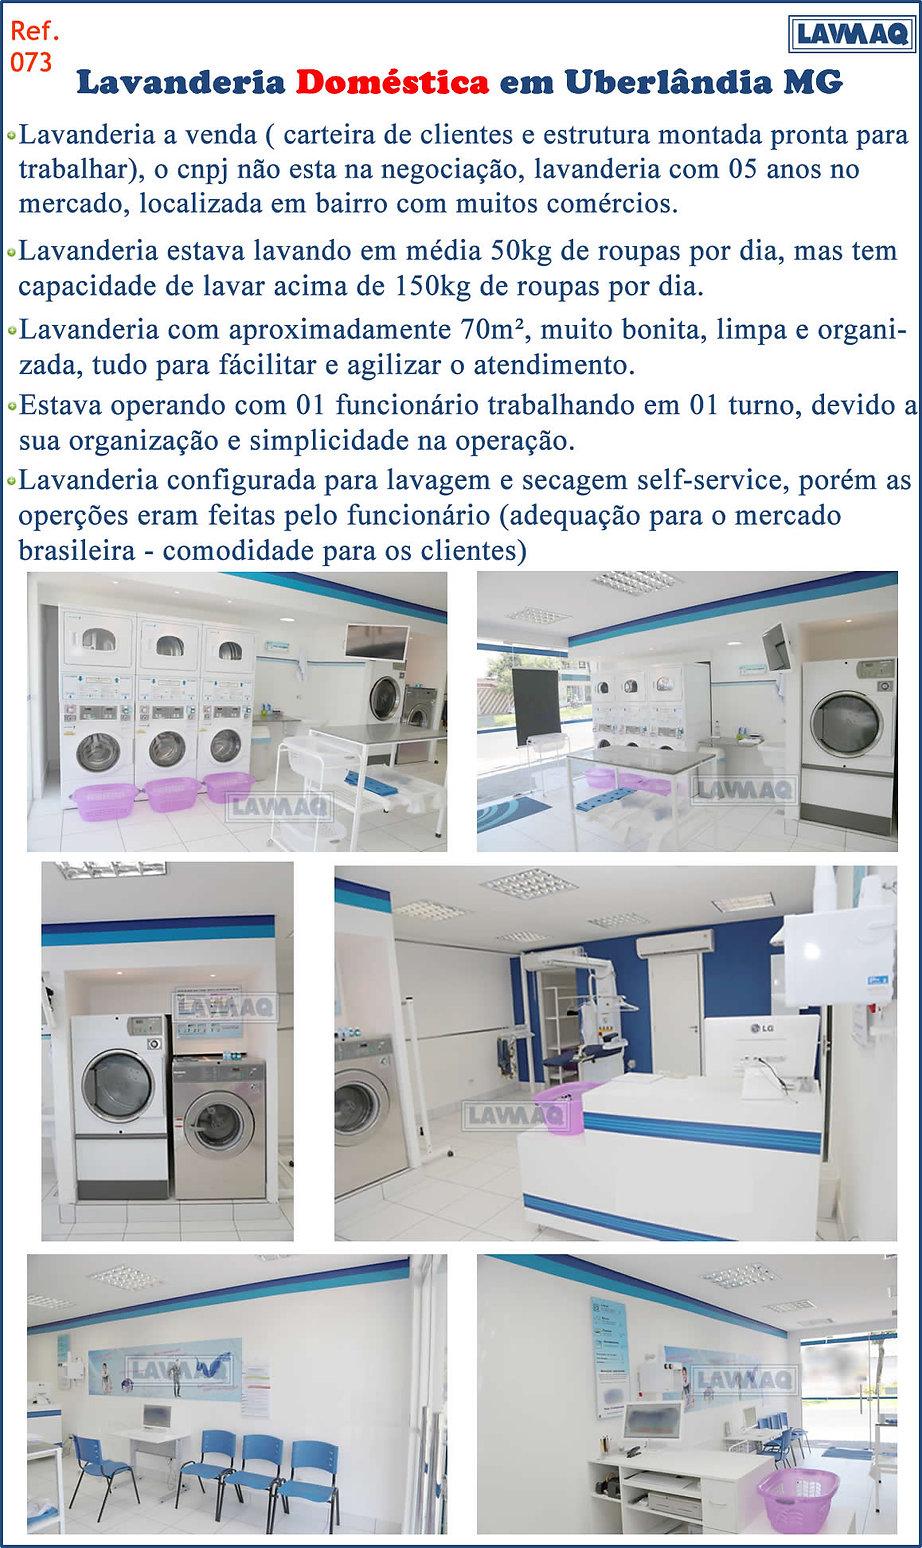 ref 073 lavanderia domestica em Uberlandia